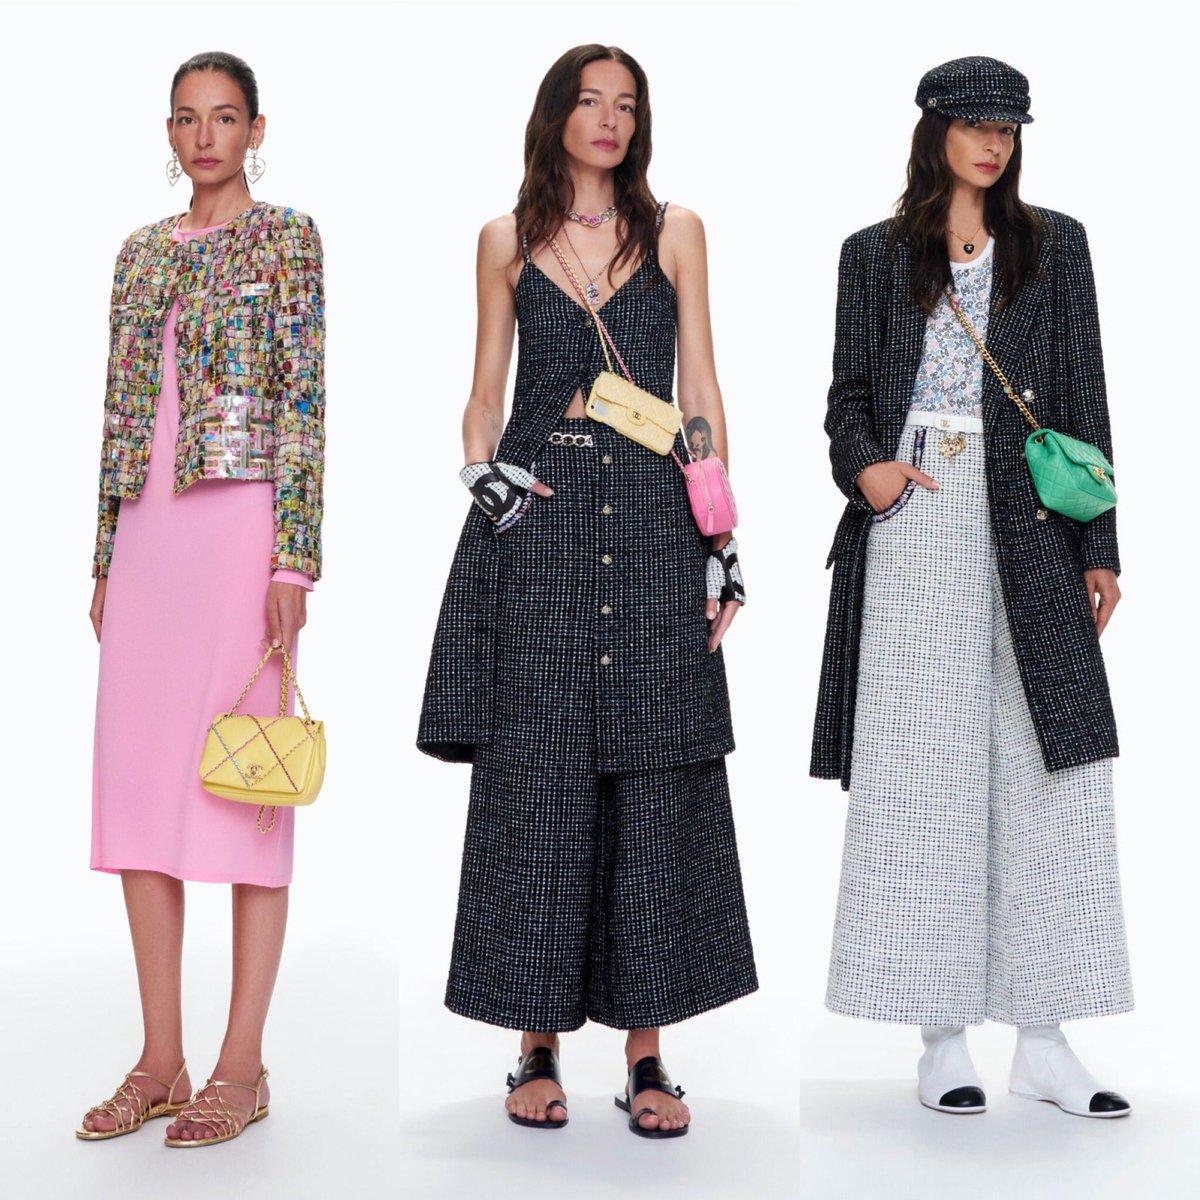 La pré-collection #CHANELSpringSummer 2021 actuellement en boutique, imaginée par #VirginieViard, est présentée par #AmandaSanchez, le mannequin du Studio de création de #CHANEL.  © Tim Elkaïm  🔗  L'héritage de Coco Chanel #espritdegabrielle